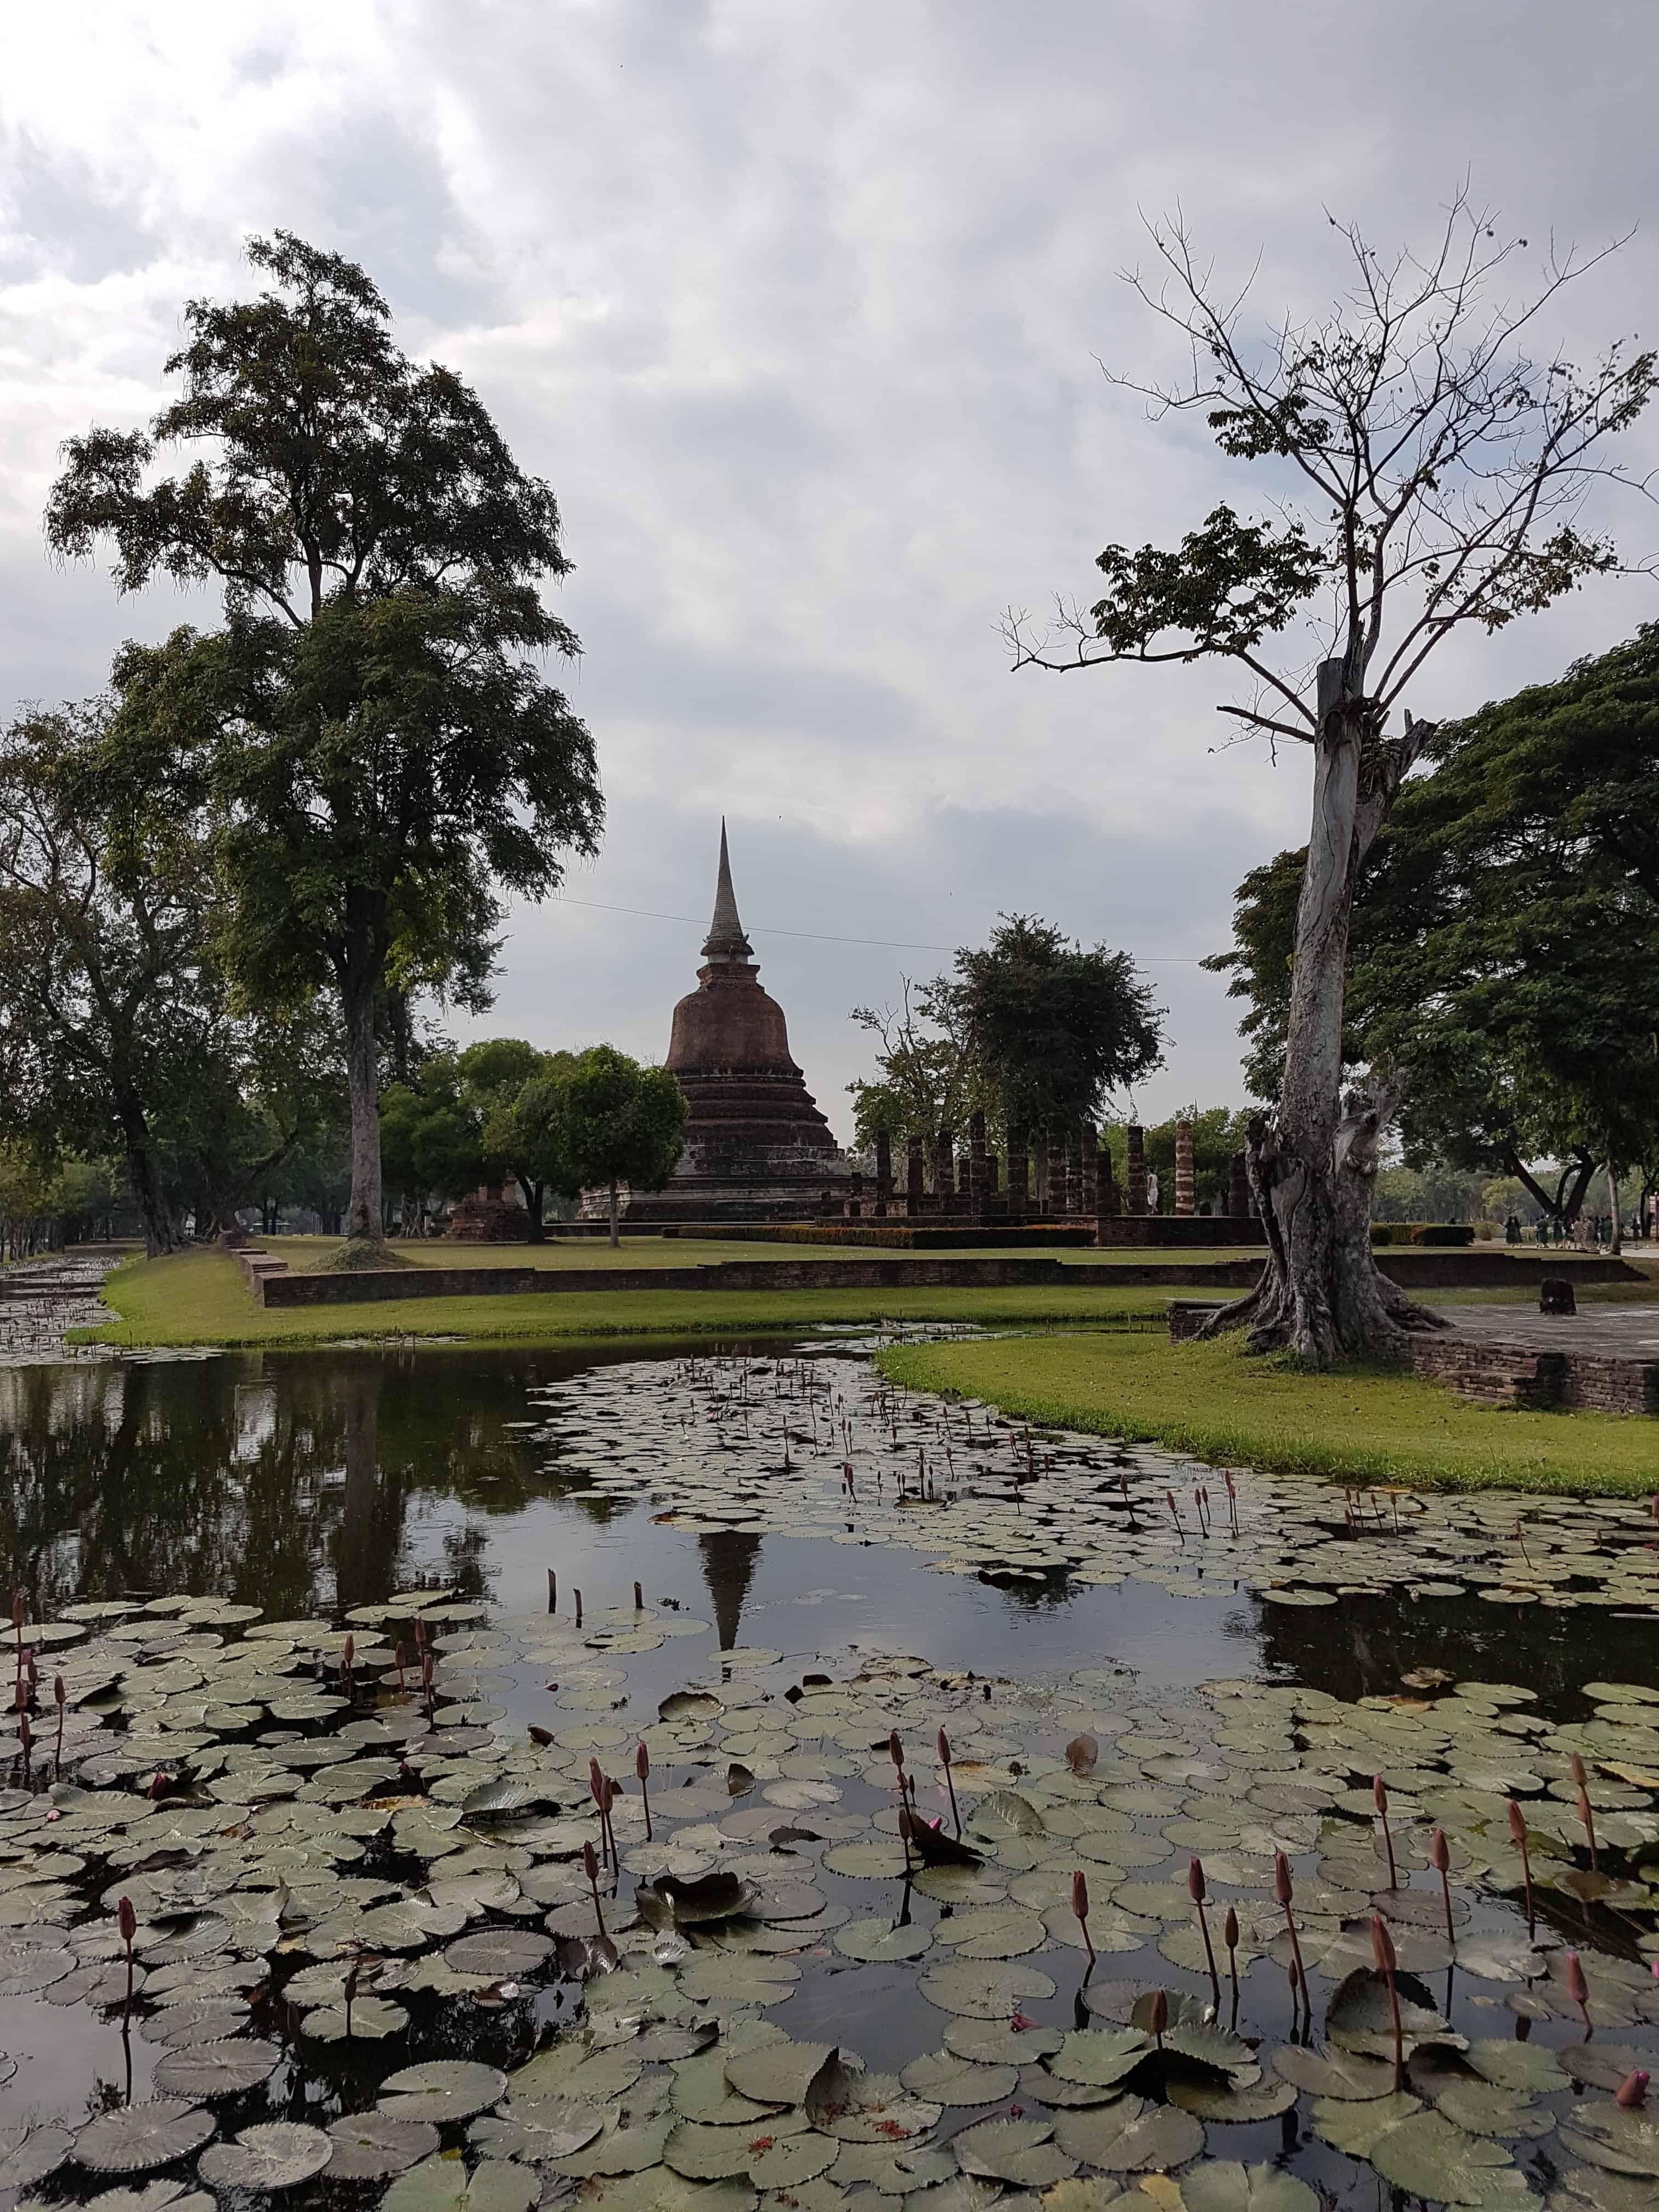 Thaïlande, visite du parc de Sukhothaï 🛕 2